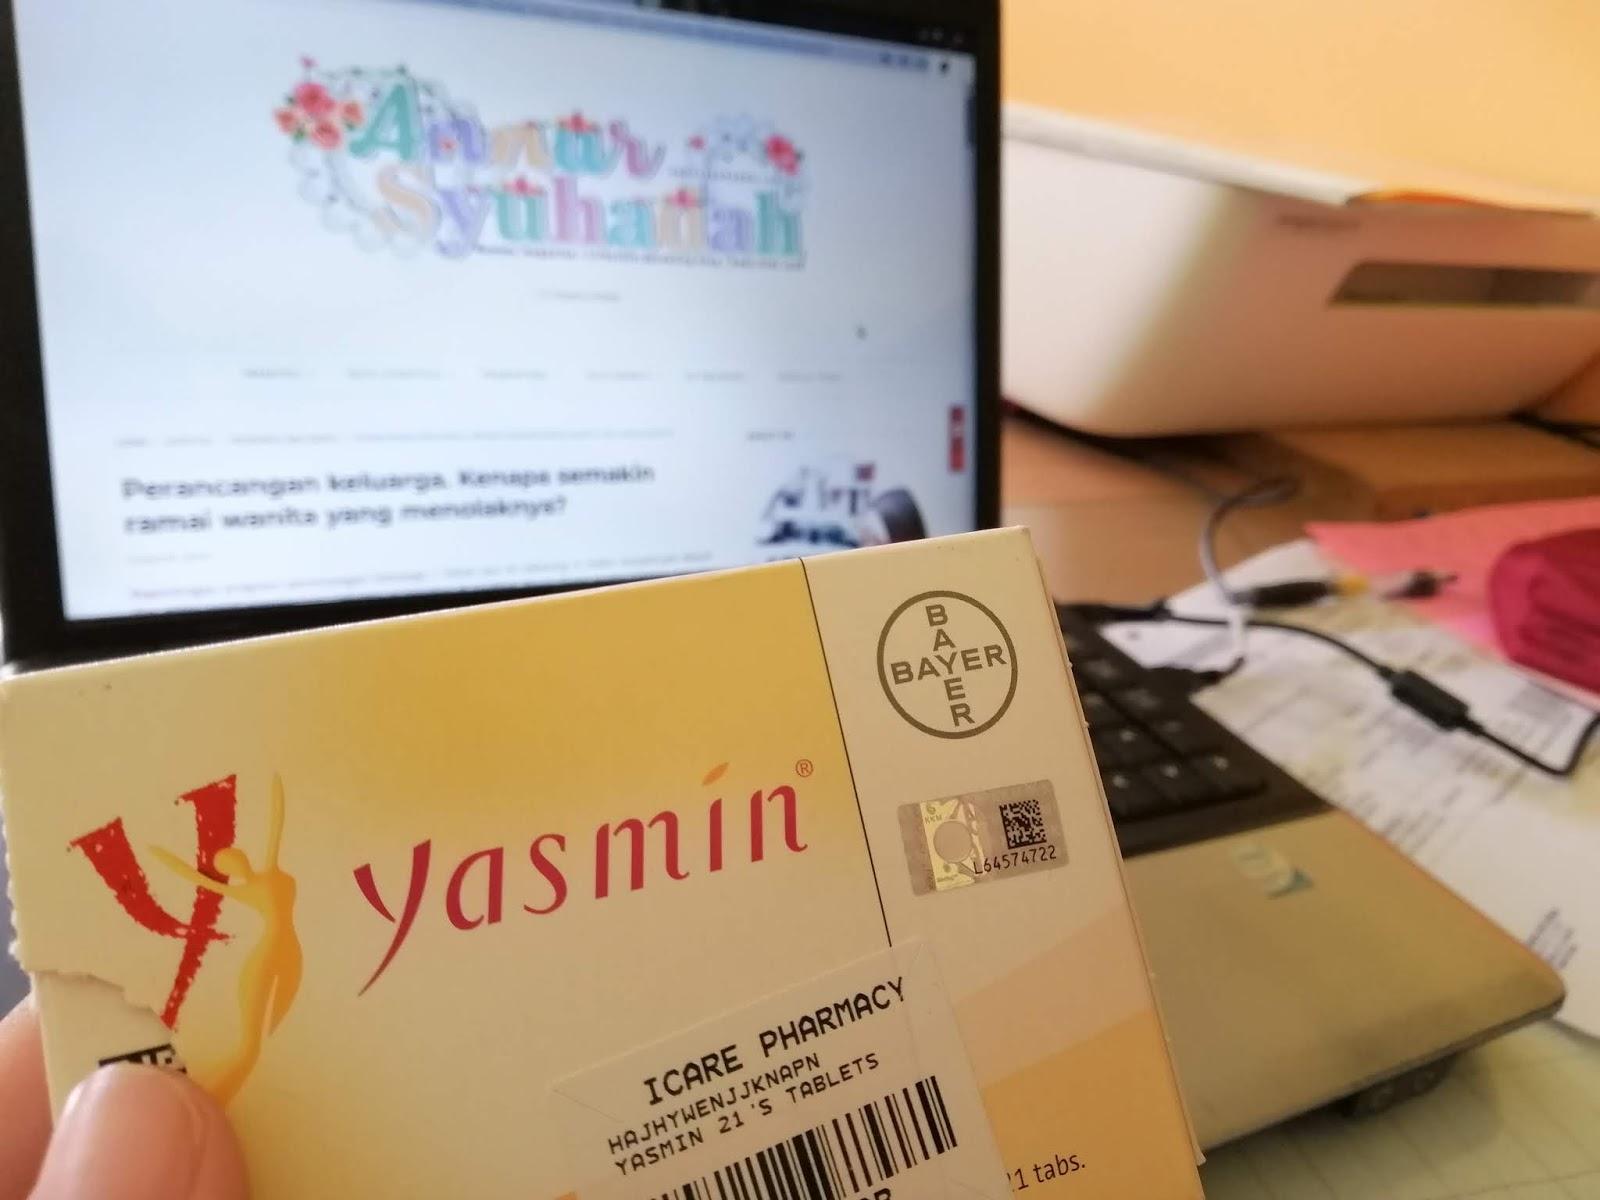 cara makan pil perancang yasmin kali pertama, cara ambil pil yasmin dengan betul, ubat perancang untuk ibu menyusu